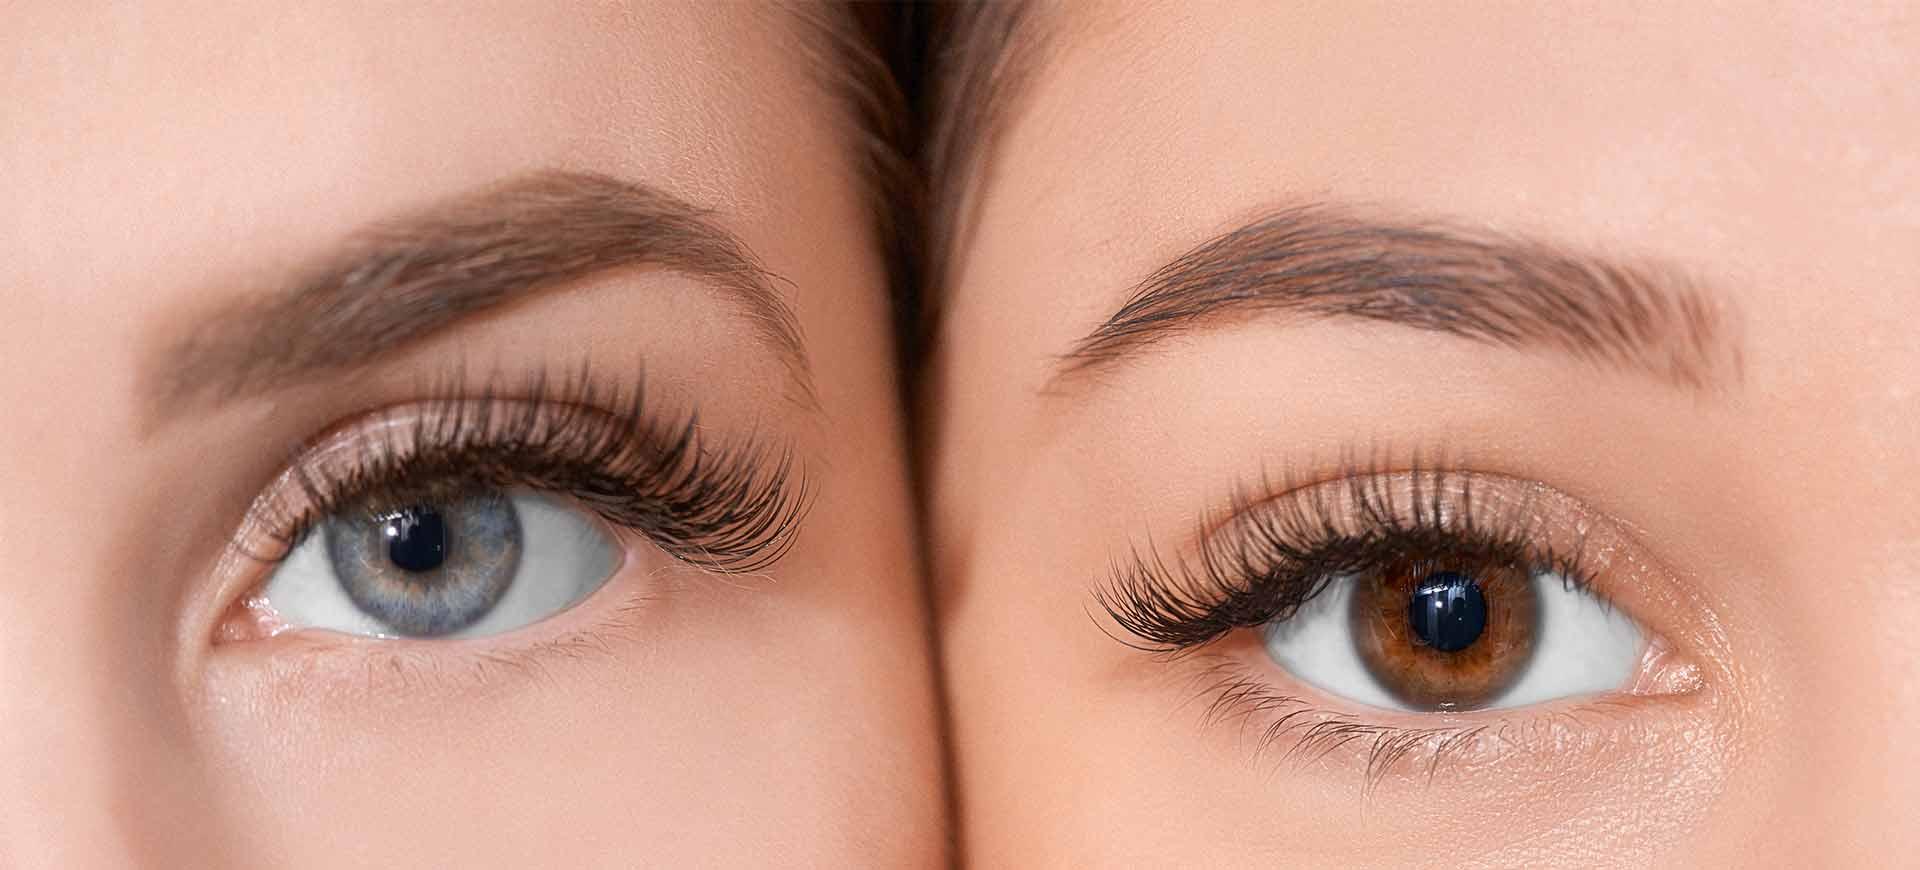 ögonfranstatuering